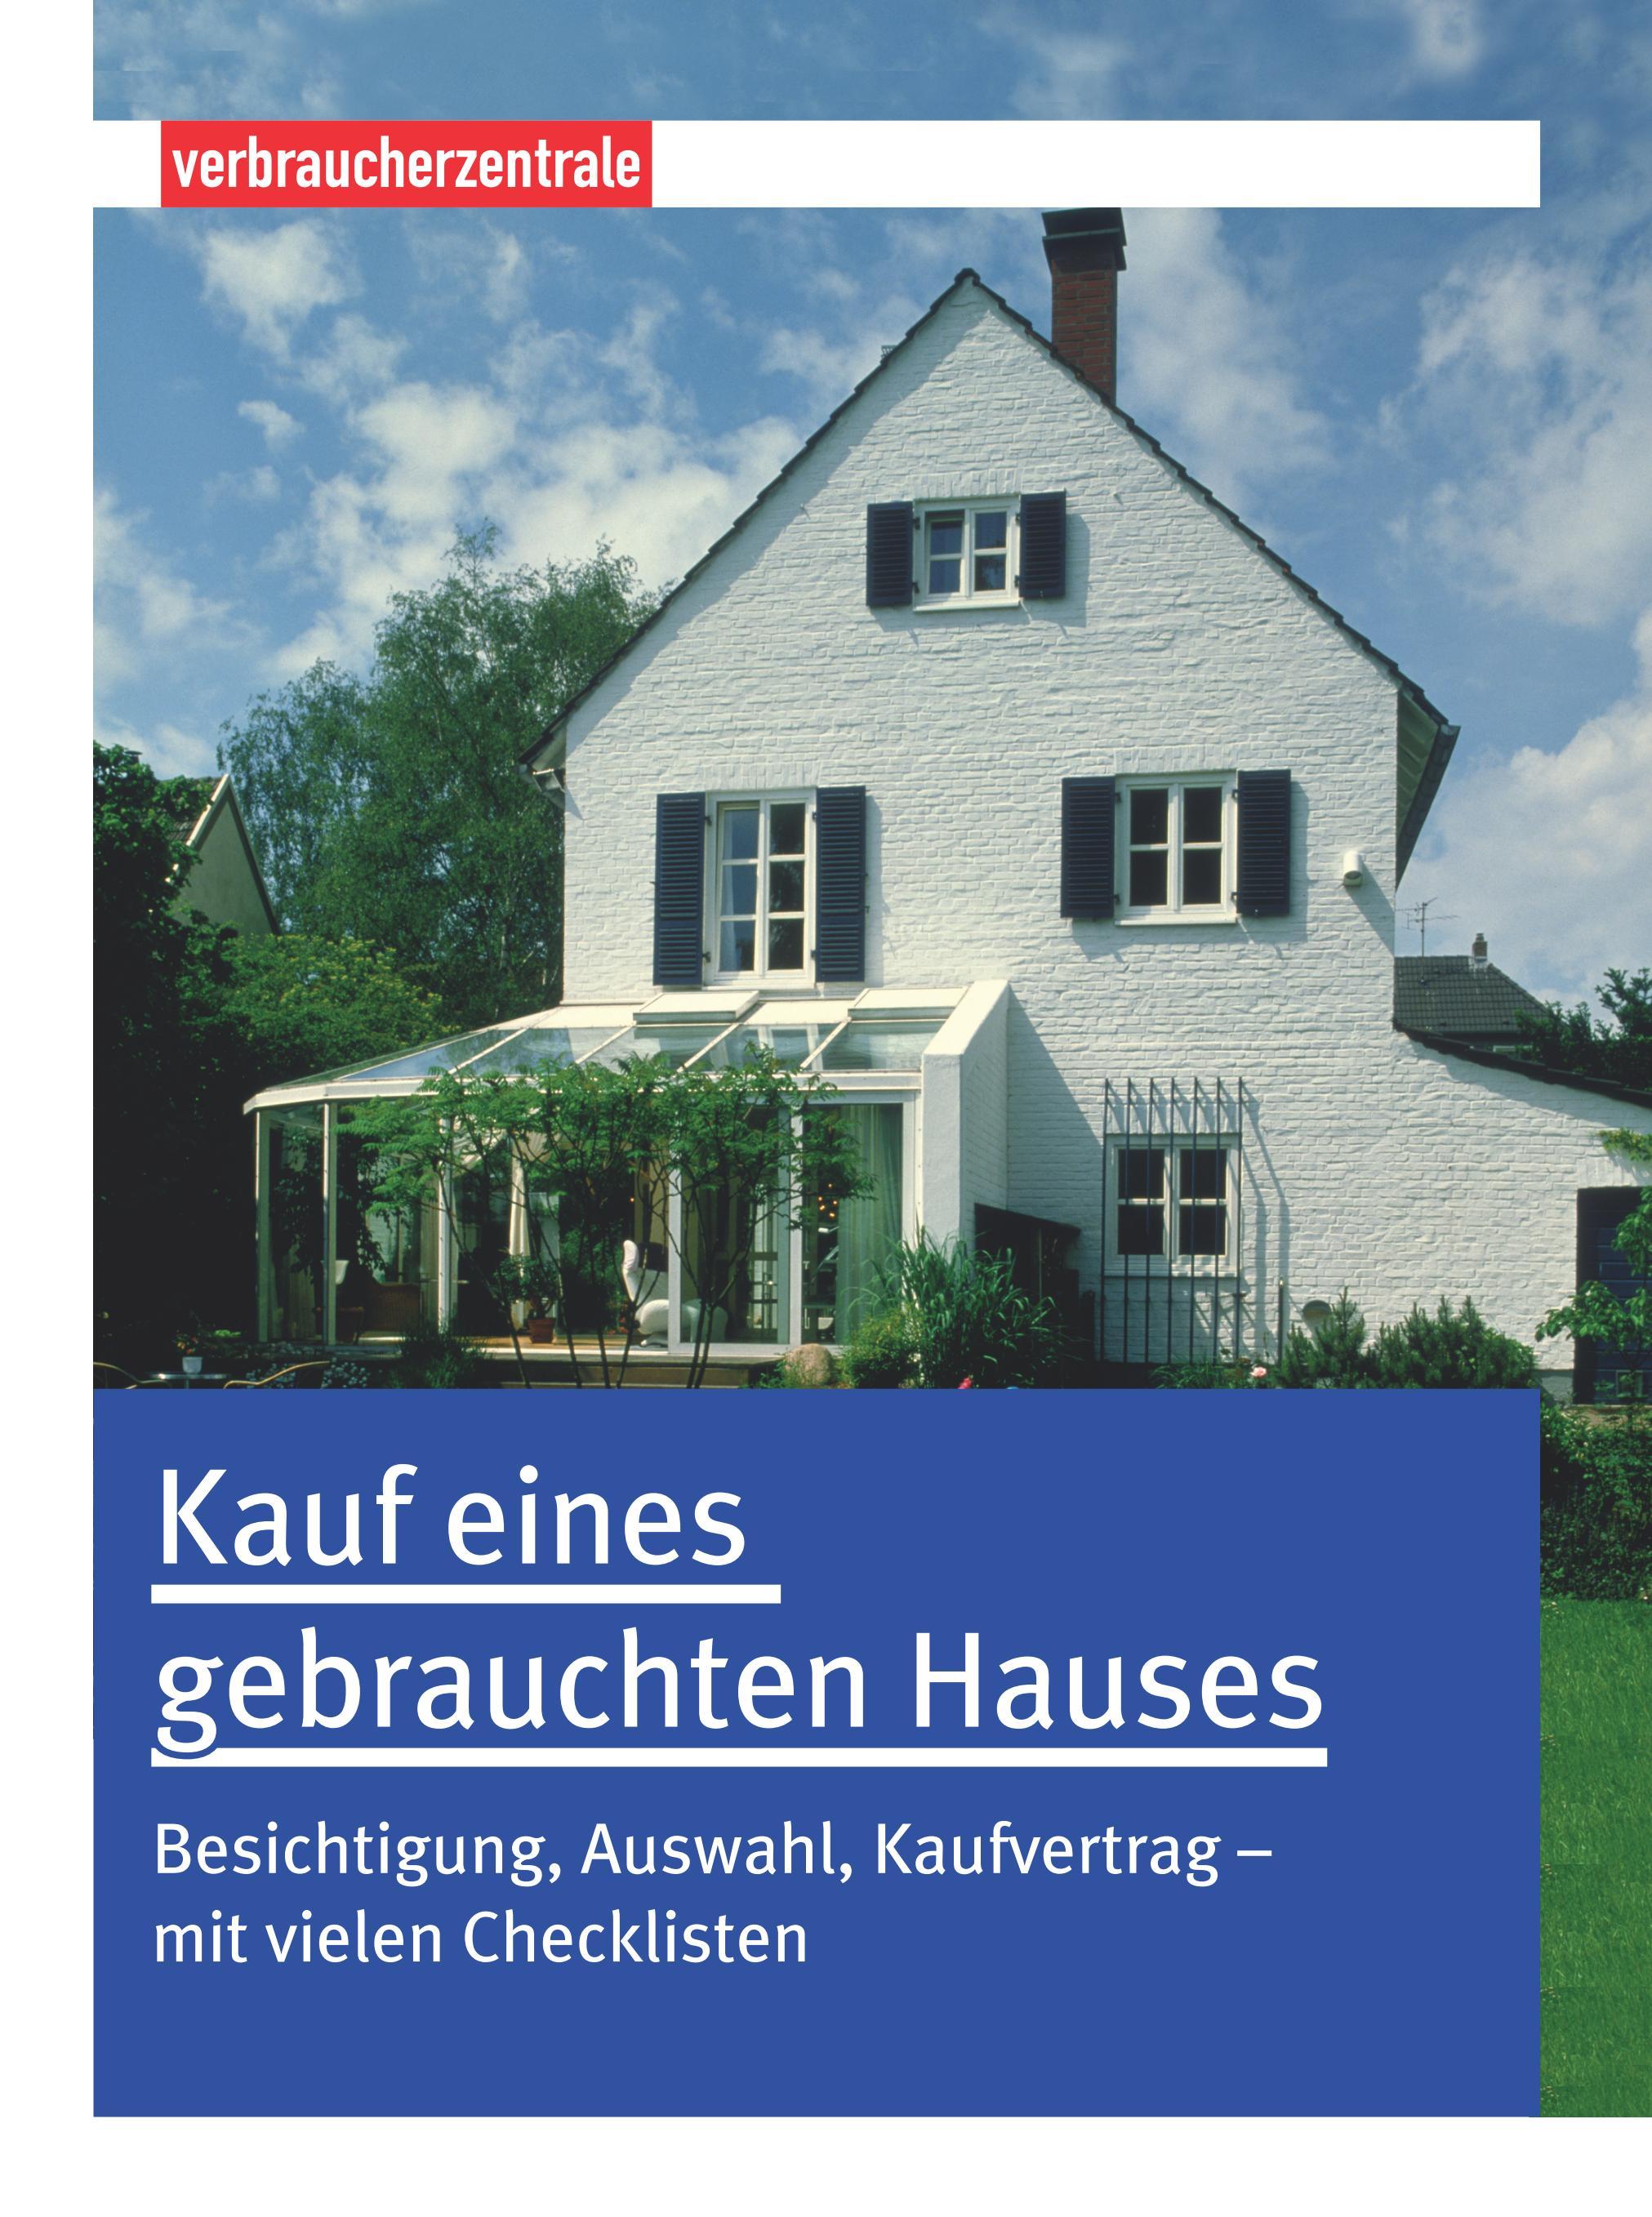 Kauf eines gebrauchten Hauses: Besichtigung, Au...